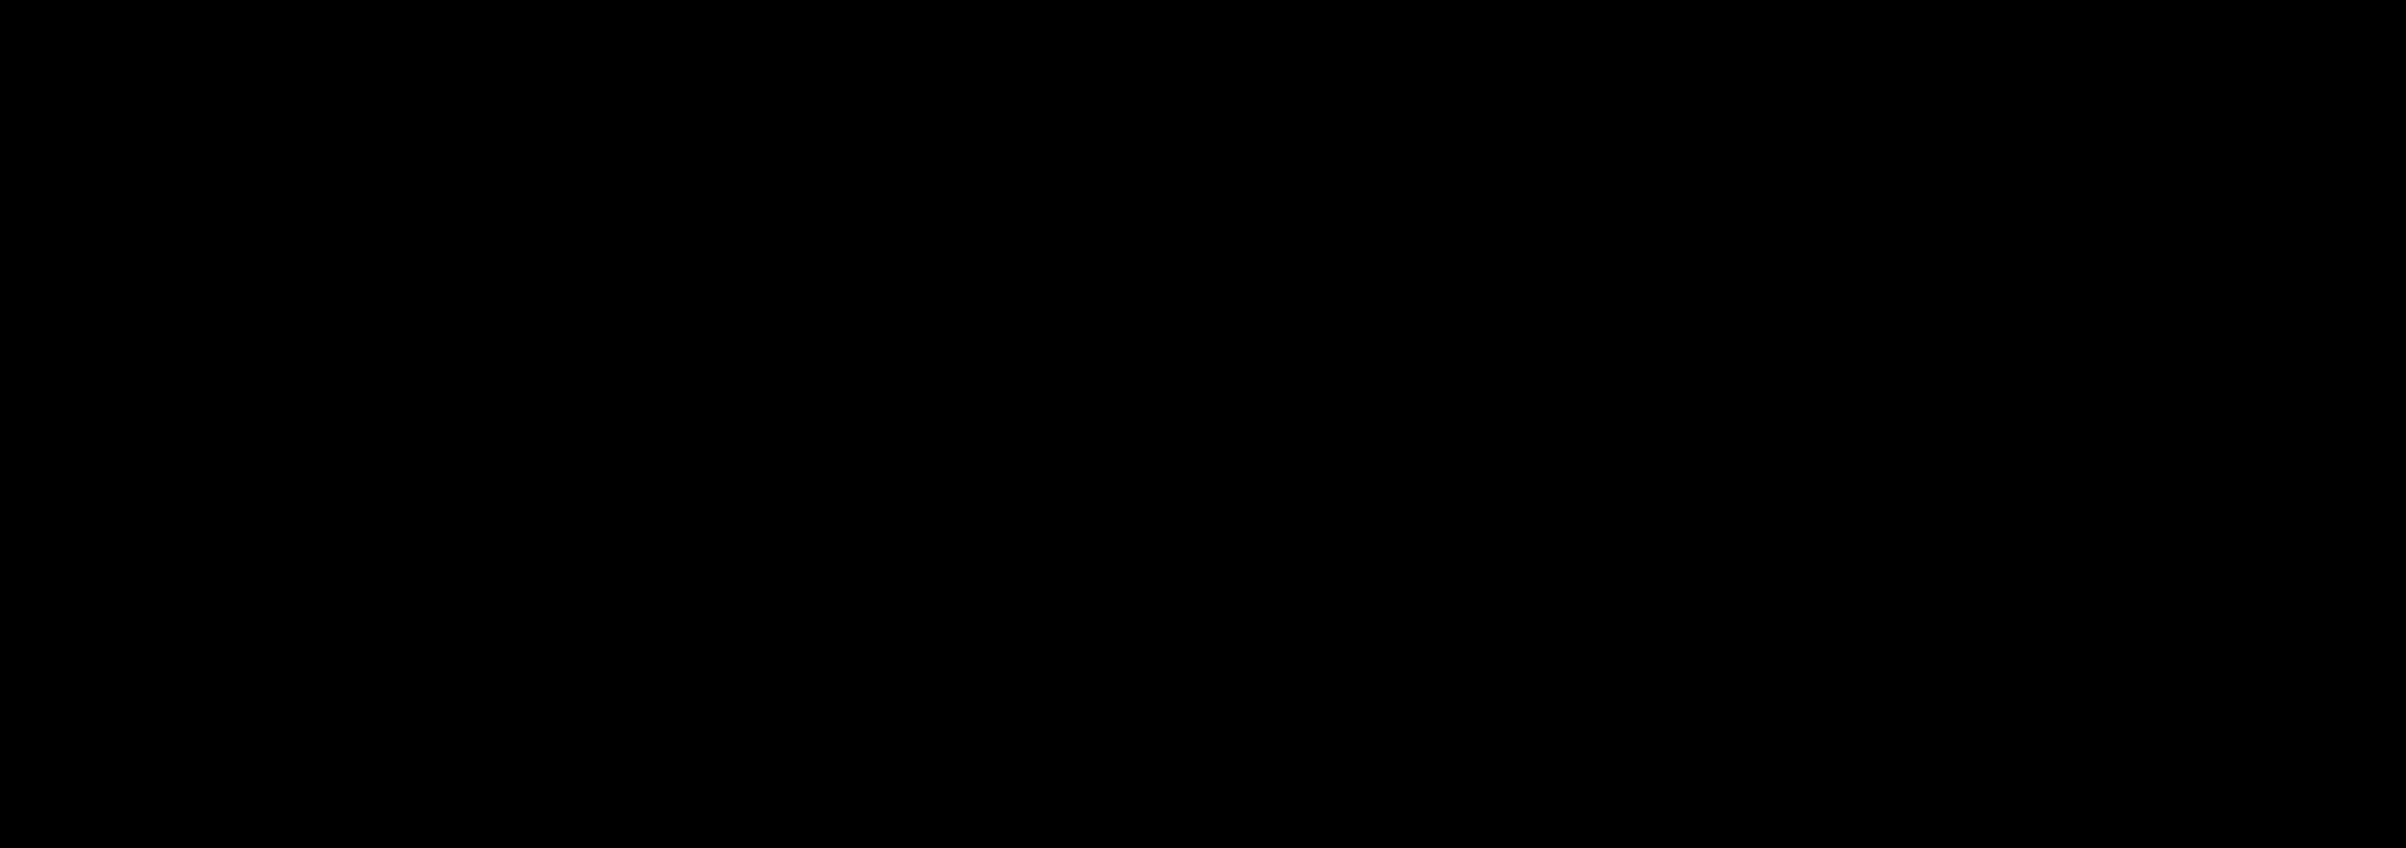 chiang vanz